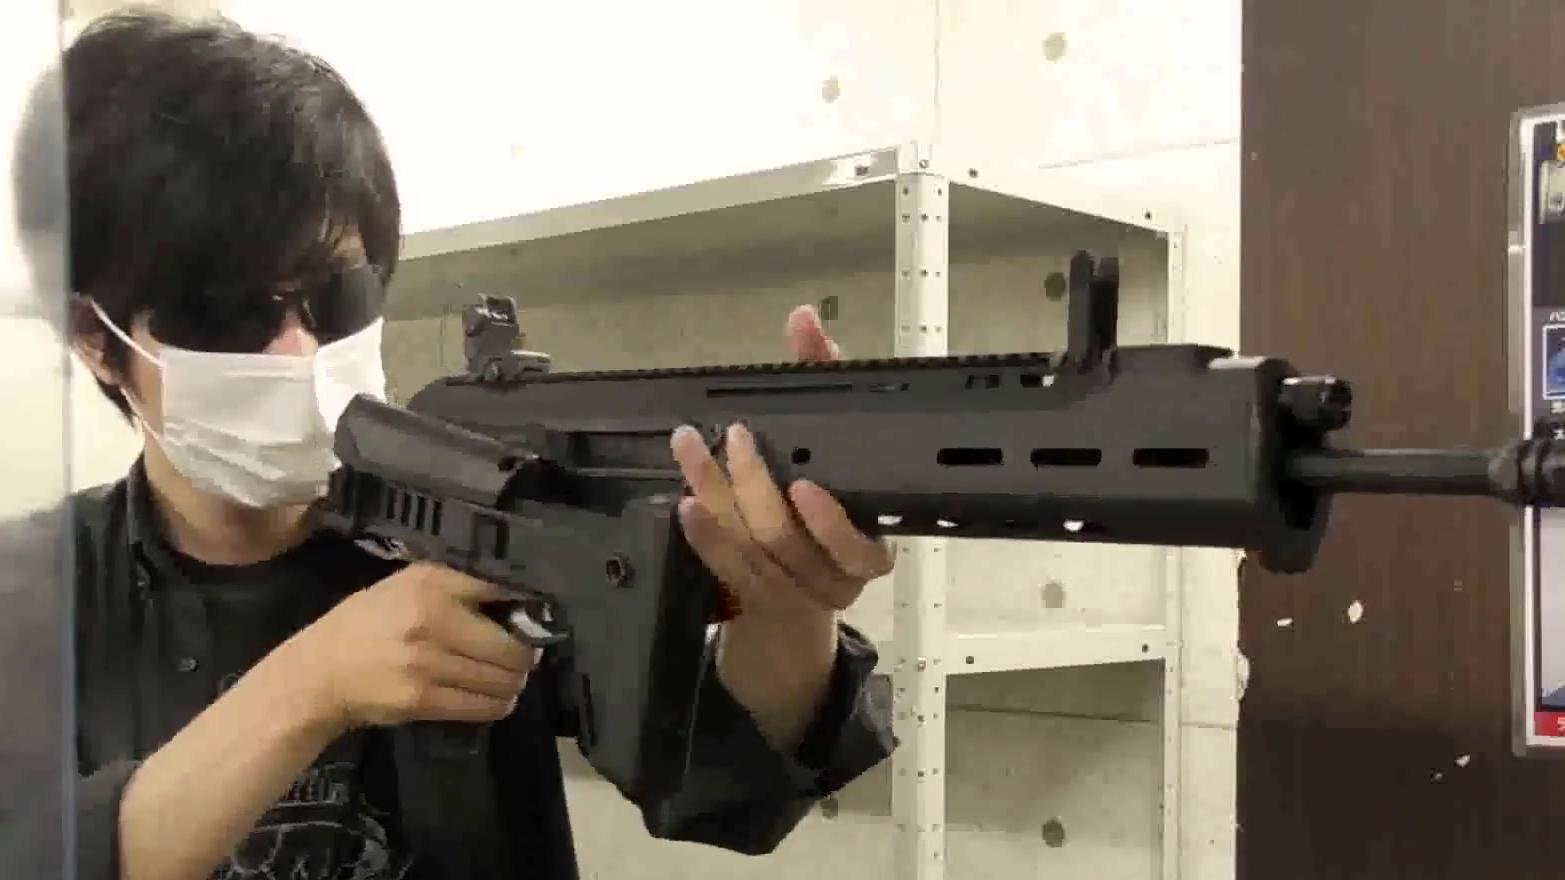 【日本小哥 TK-hero】长气6!KSC的气动马萨达自动步枪GBB玩具(渣翻)